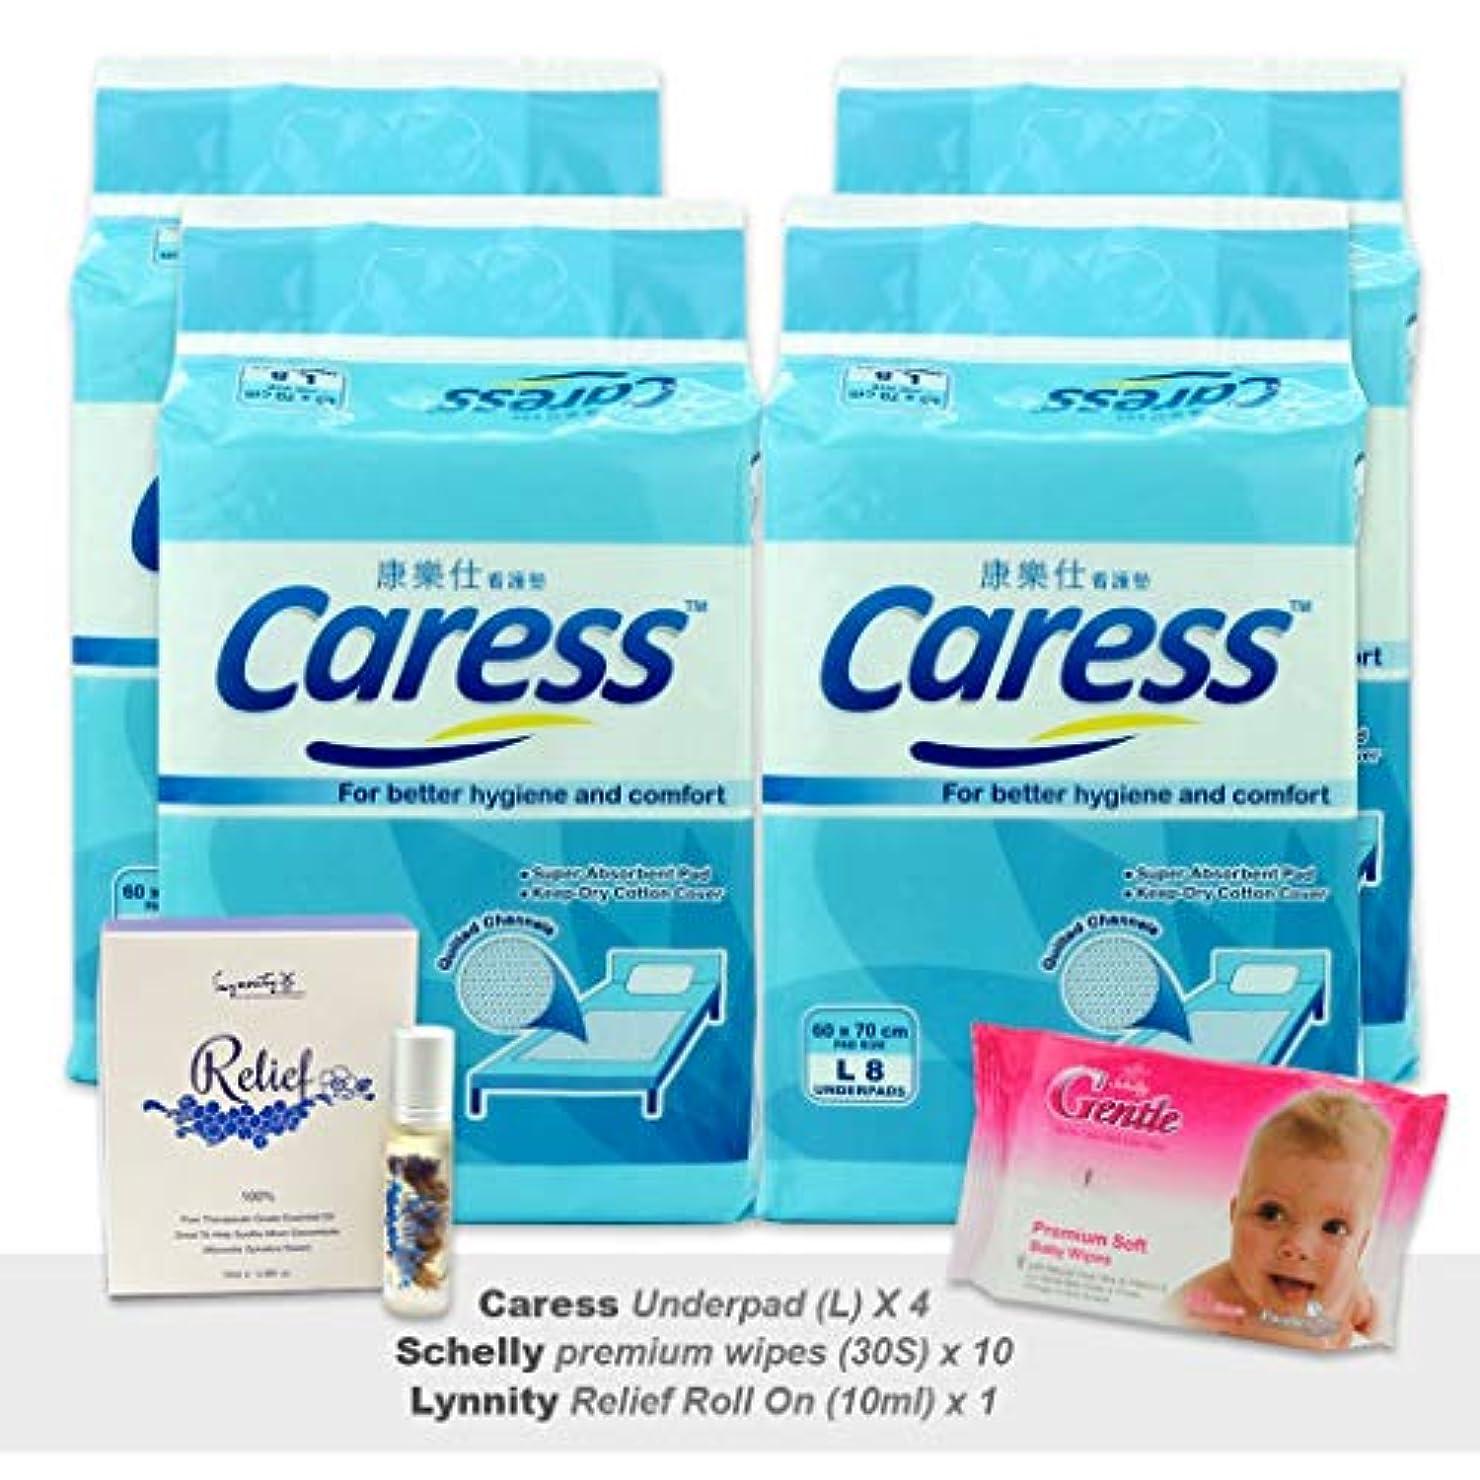 間違い削減便益Caress Diapers 4×スーパープロテクトアンダーパッドサイズl愛撫+ freeエッセンシャルオイルロールオンと10×プレミアムジェントルソフトワイプ(30代)